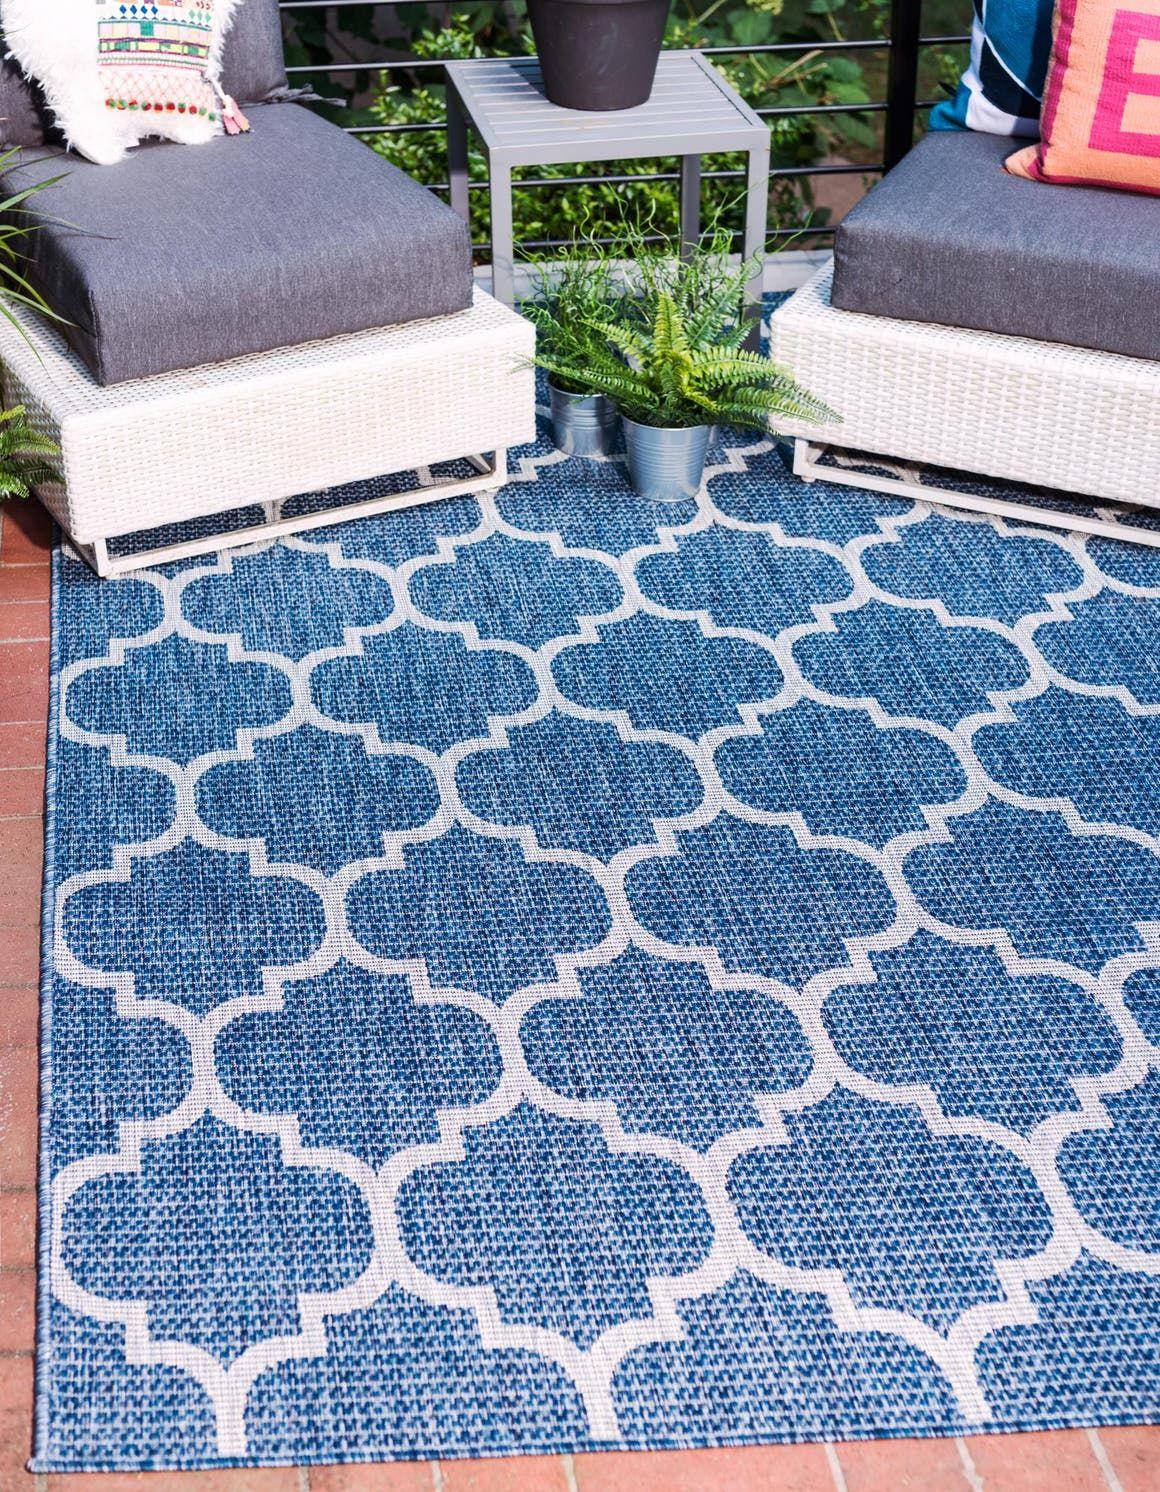 Blue 9 X 12 Outdoor Lattice Rug Rugs Com In 2020 Blue Outdoor Rug Outdoor Trellis Trellis Rug